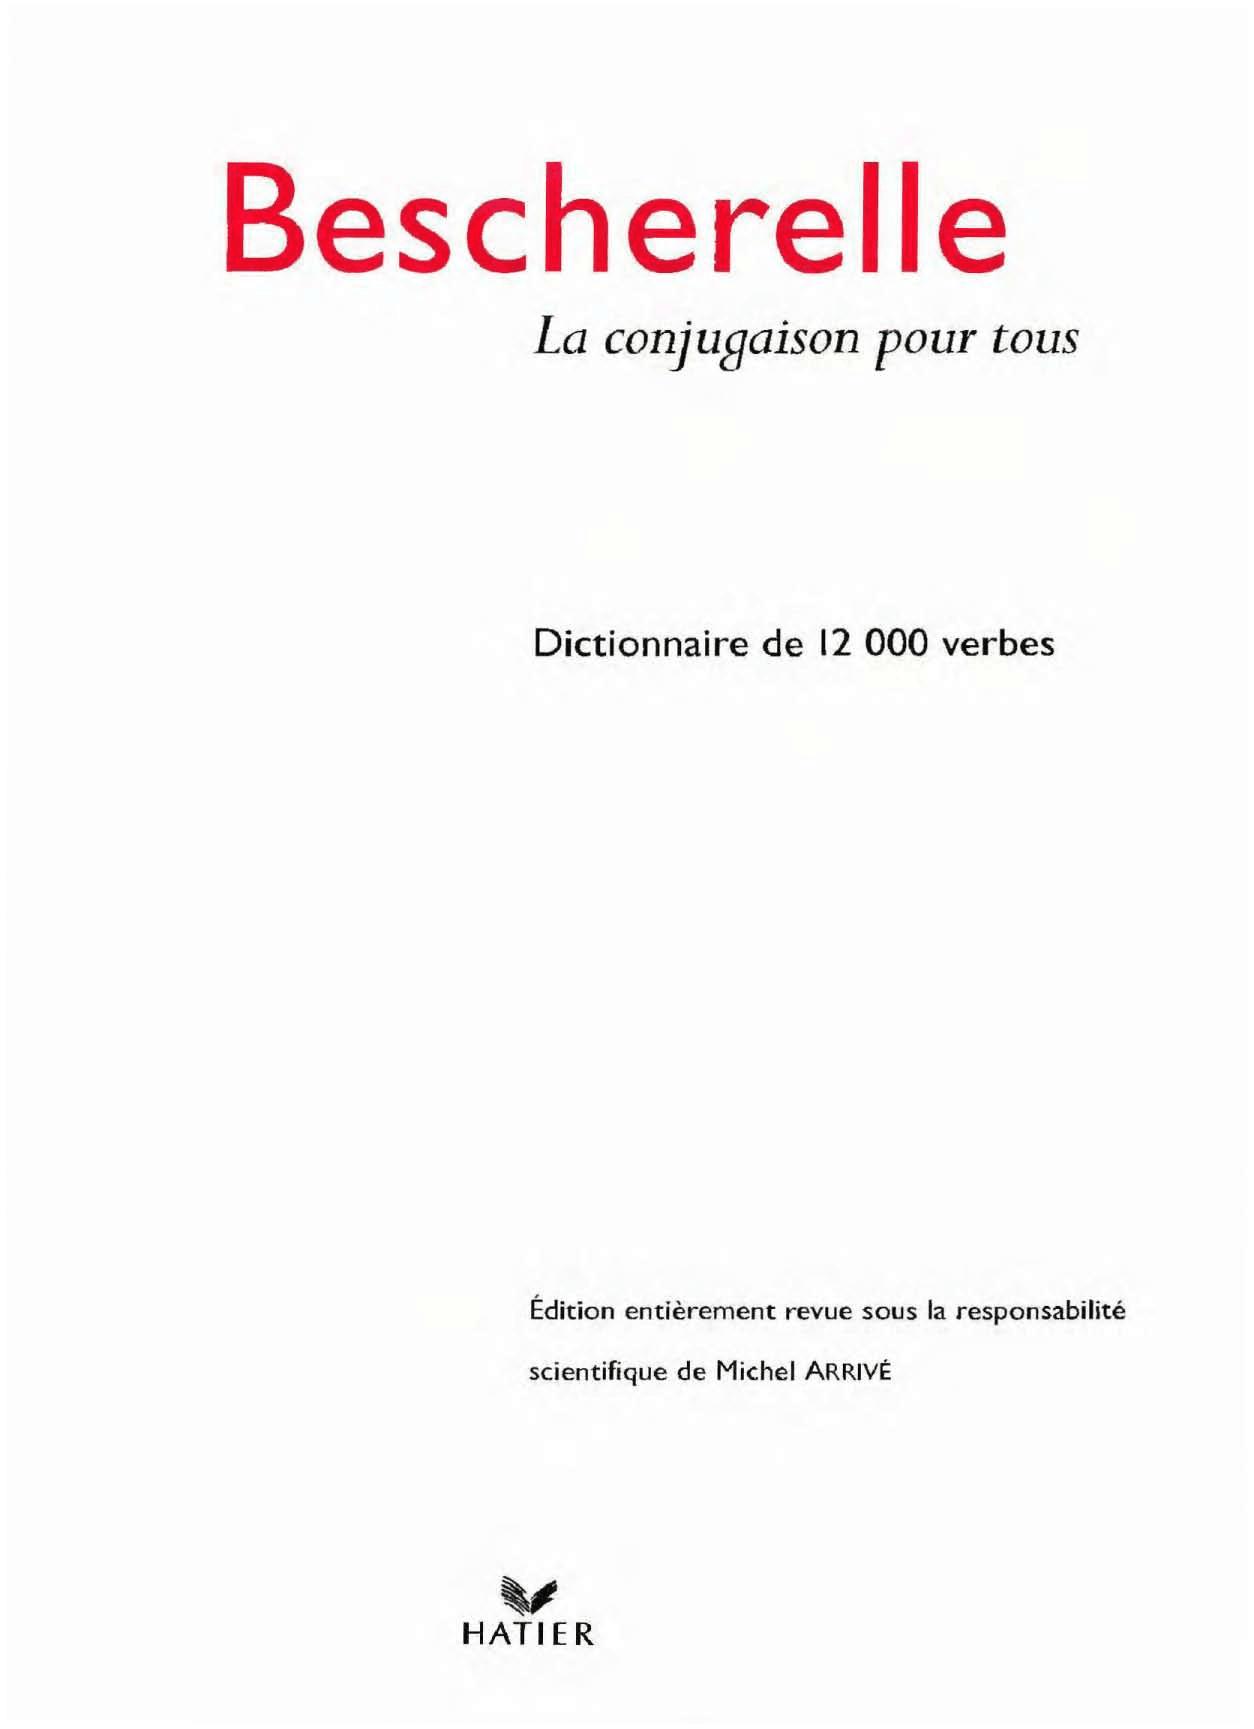 Bescherelle De Conjugaison - La Conjugaison - Docsity concernant Verbe Moudre À L Imparfait